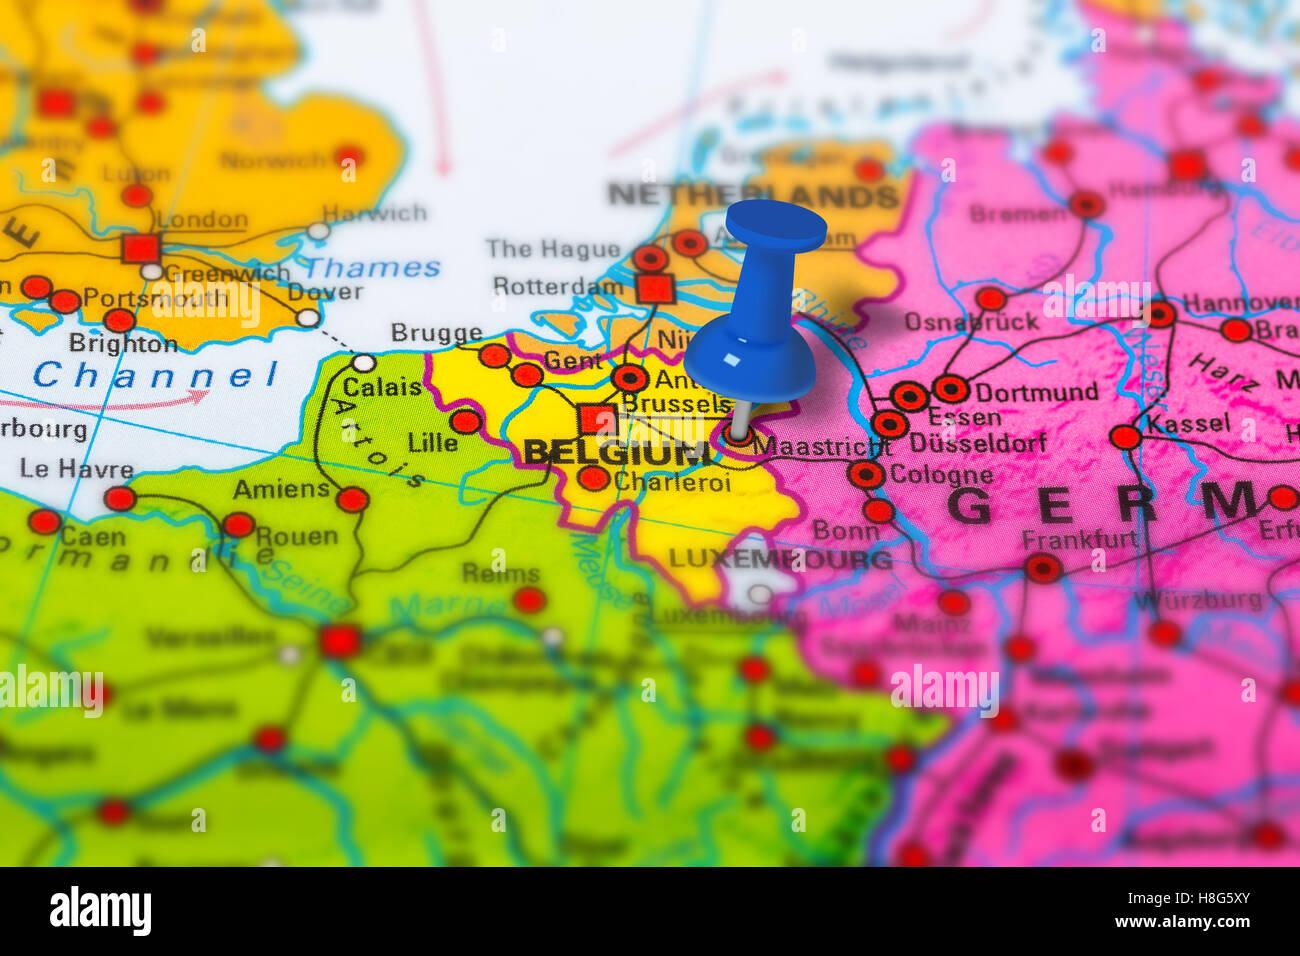 maastricht belgium map